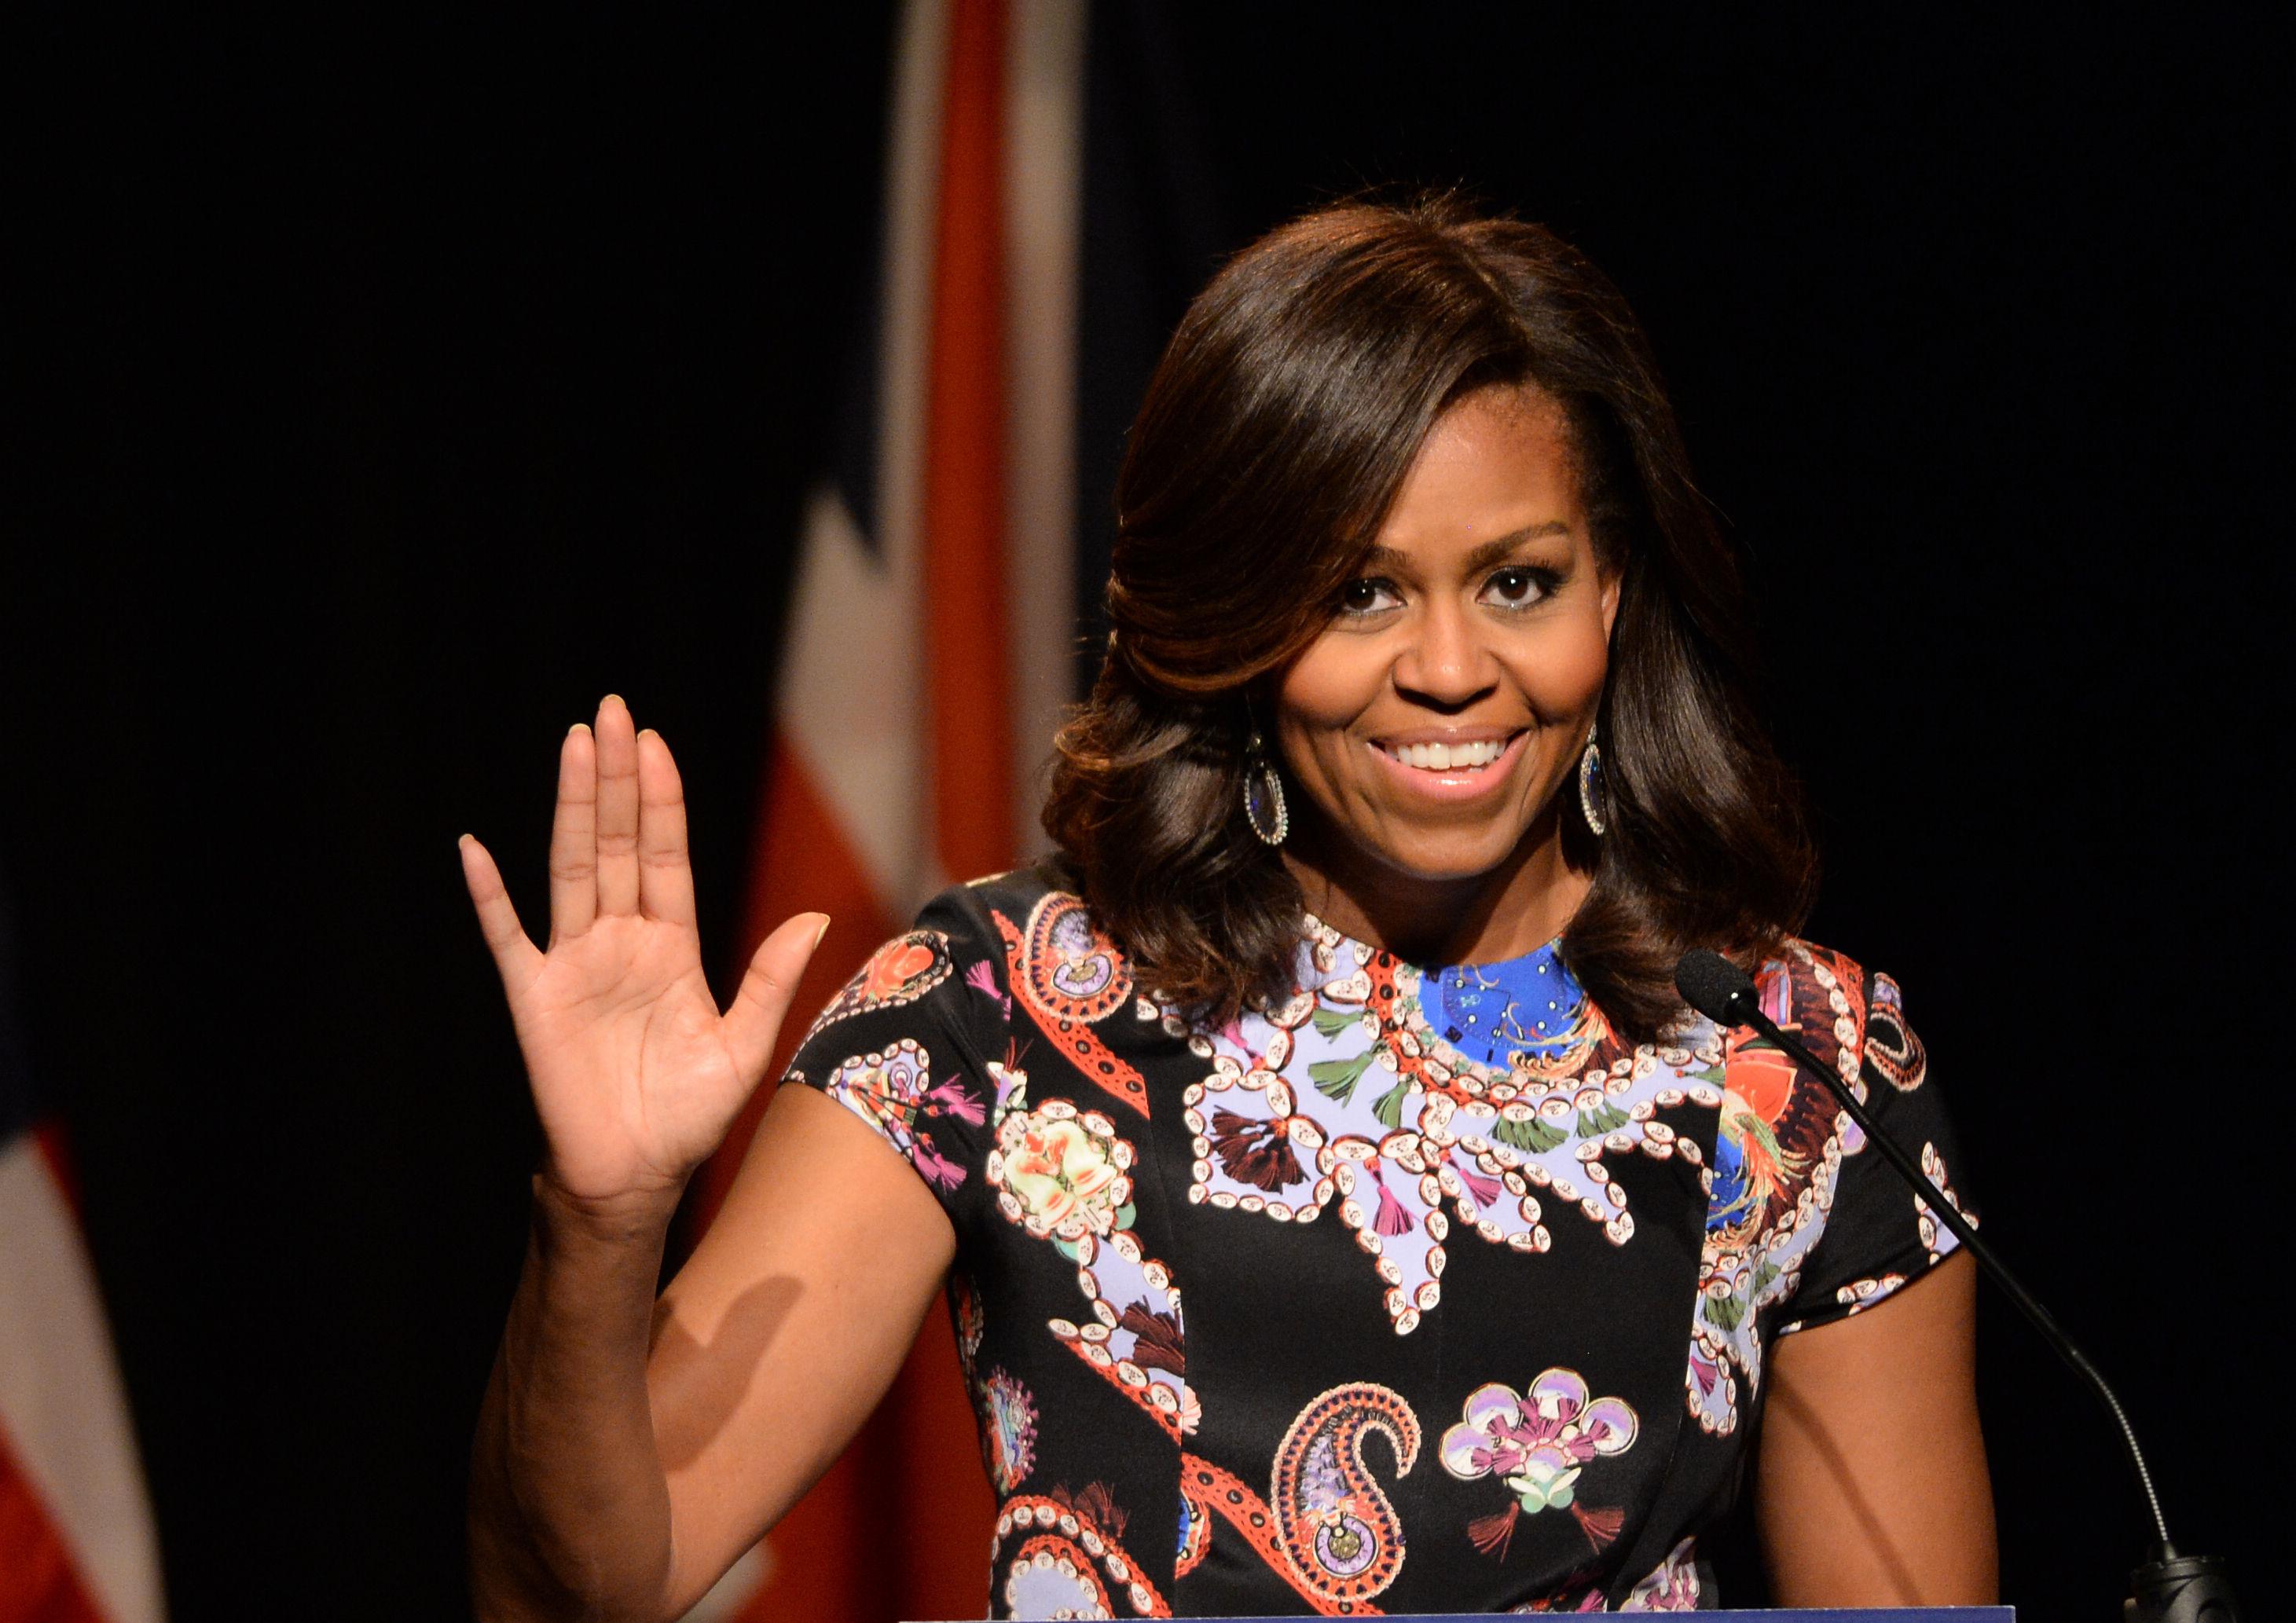 Donne più influenti del mondo nel 2015